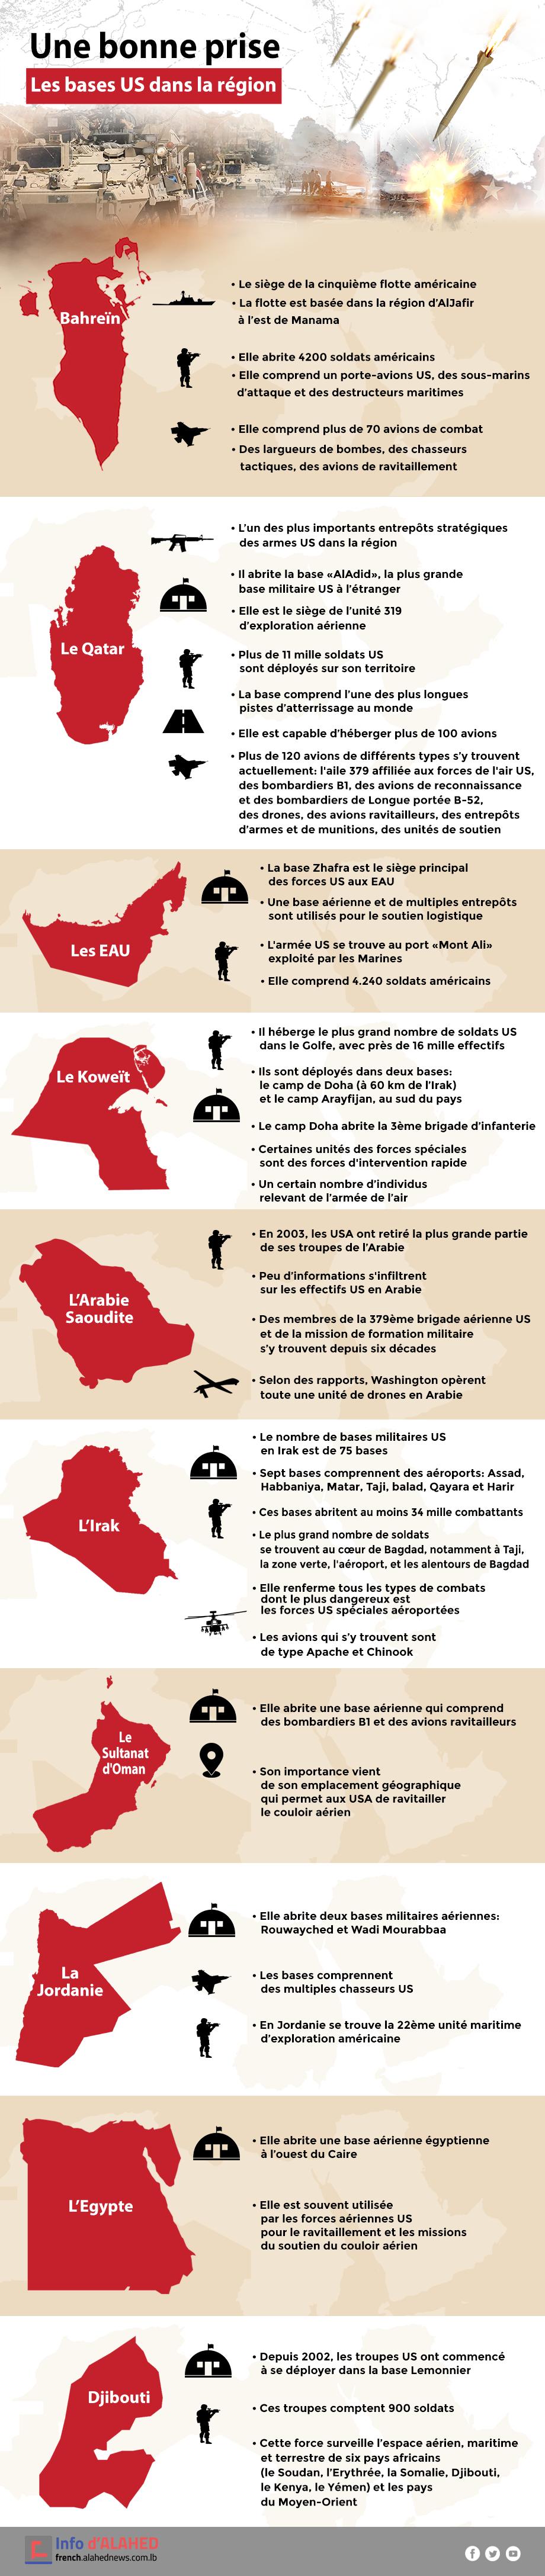 Les bases US dans la région: une bonne prise